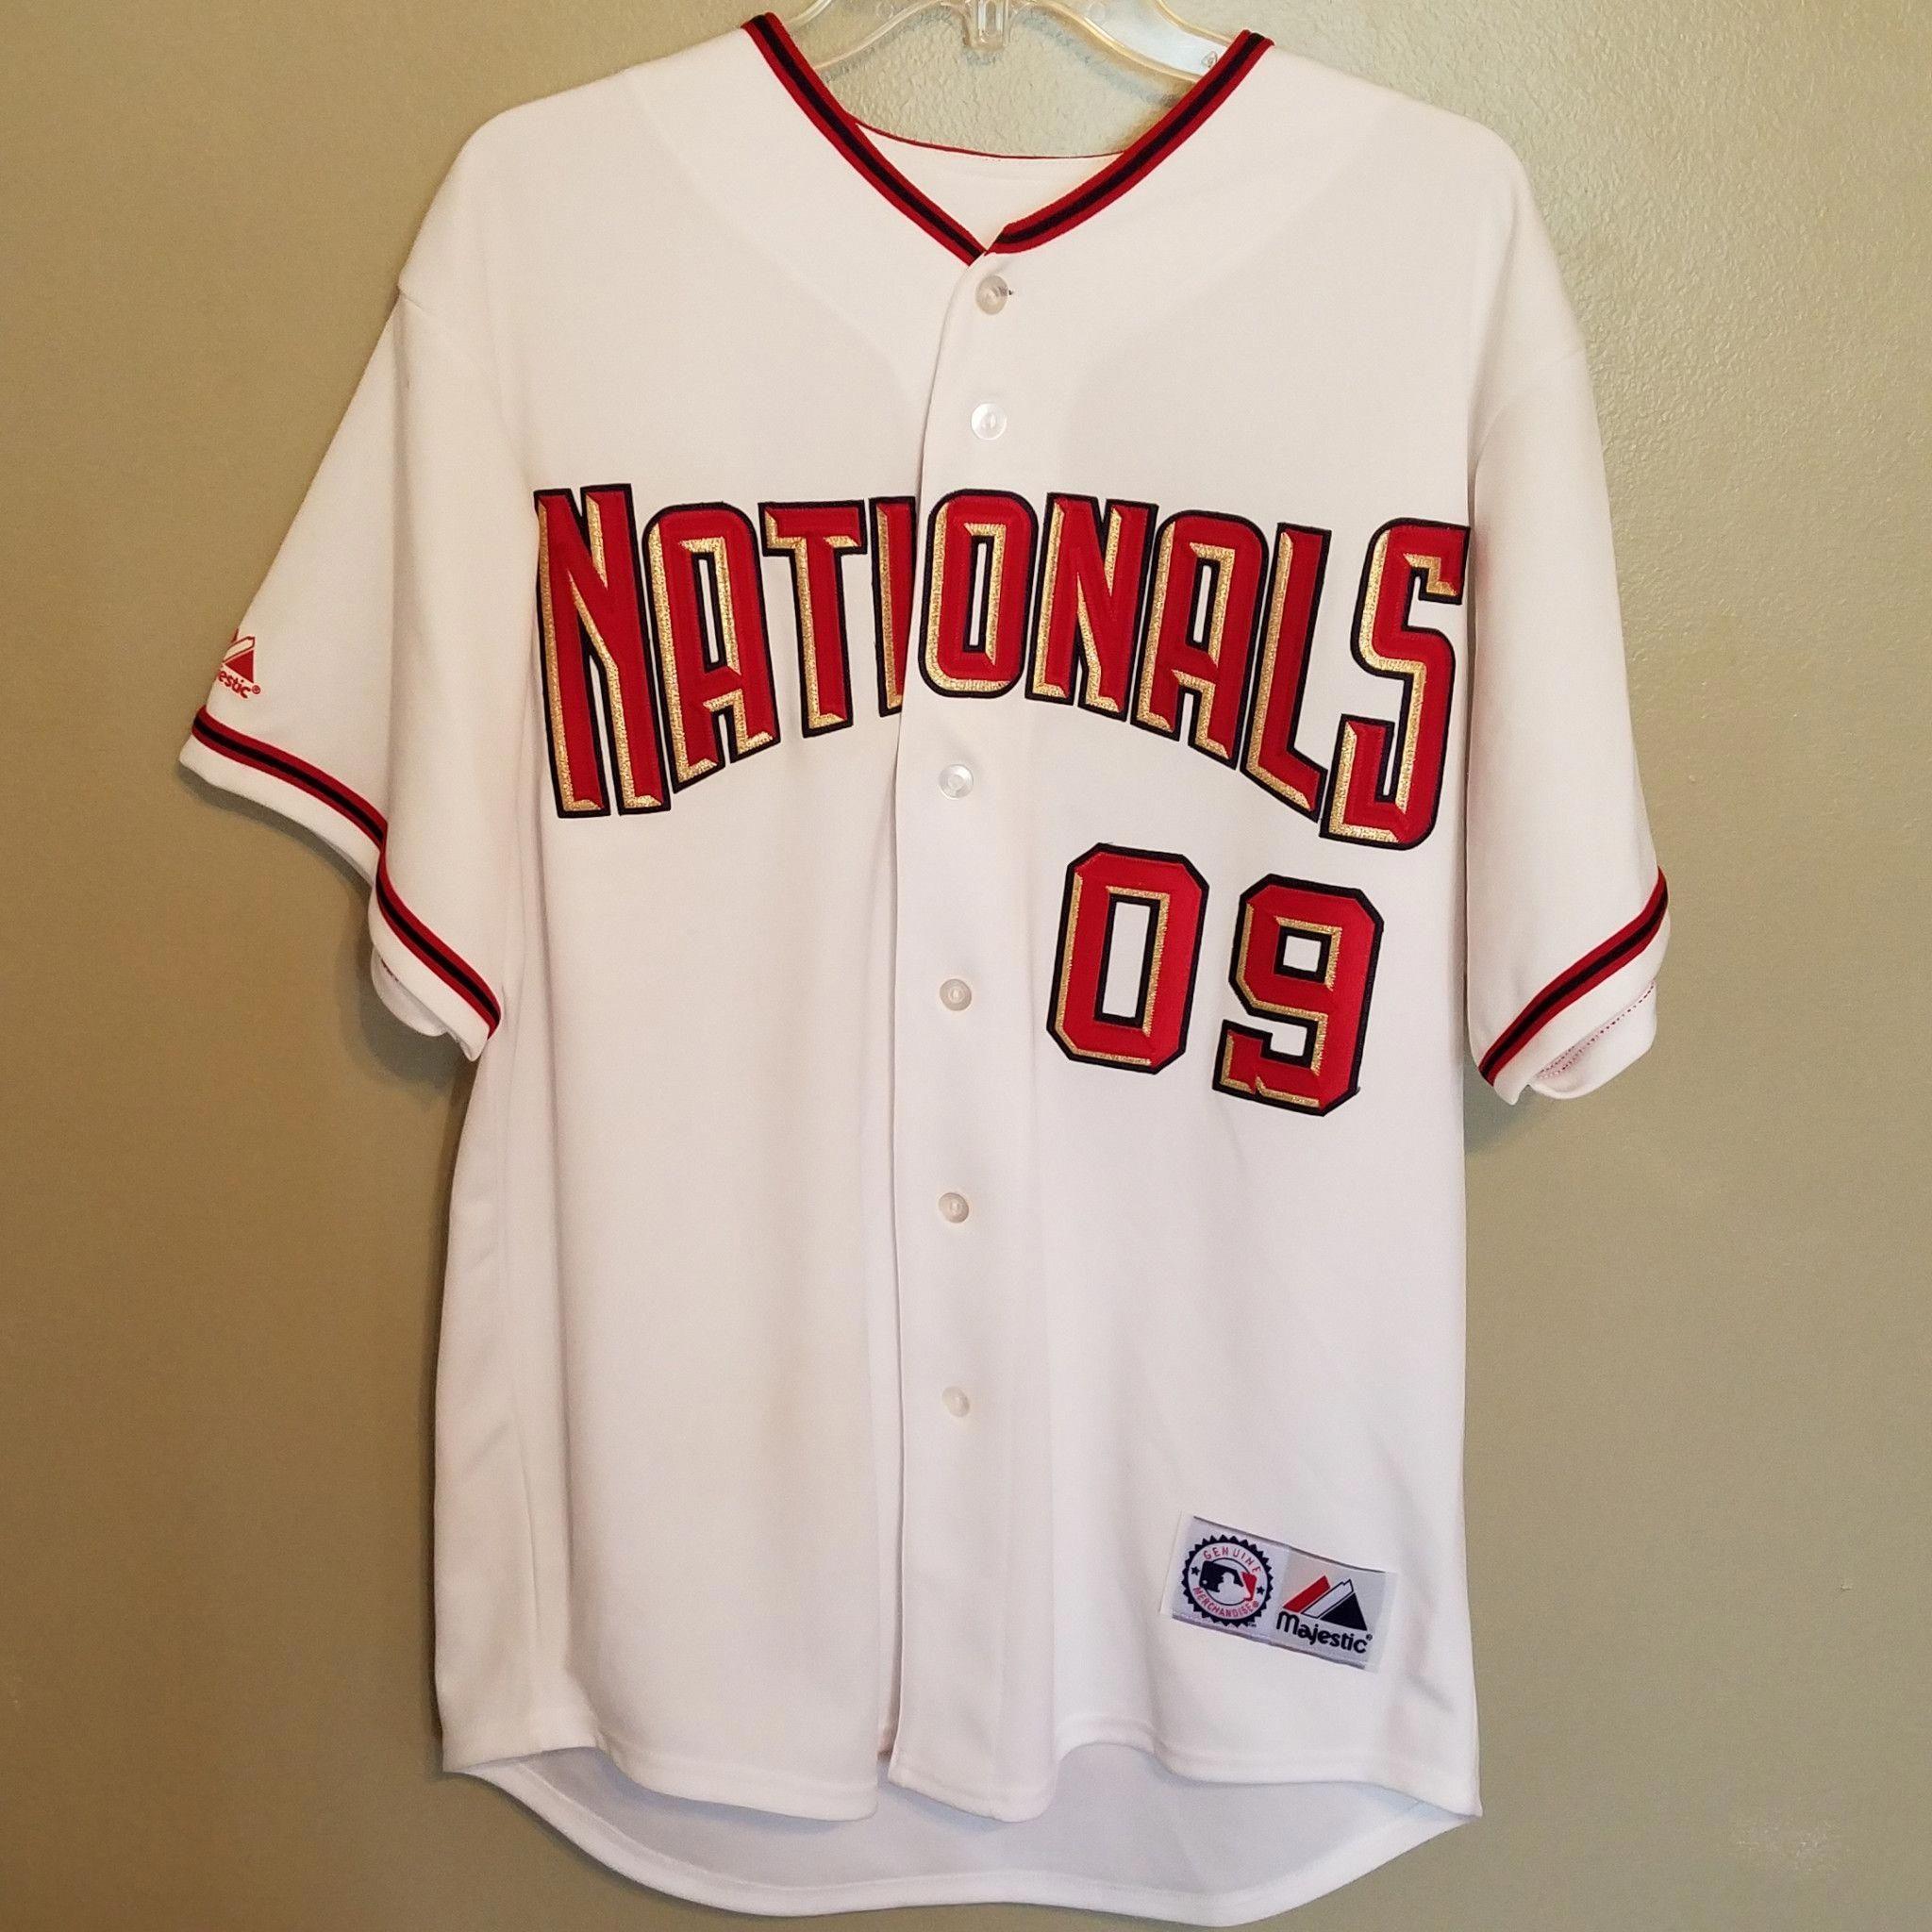 b5cd3a4d WASHINGTON NATIONALS GOOSE MAJESTIC BASEBALL JERSEY SIZE LARGE ADULT  #baseballjerseys